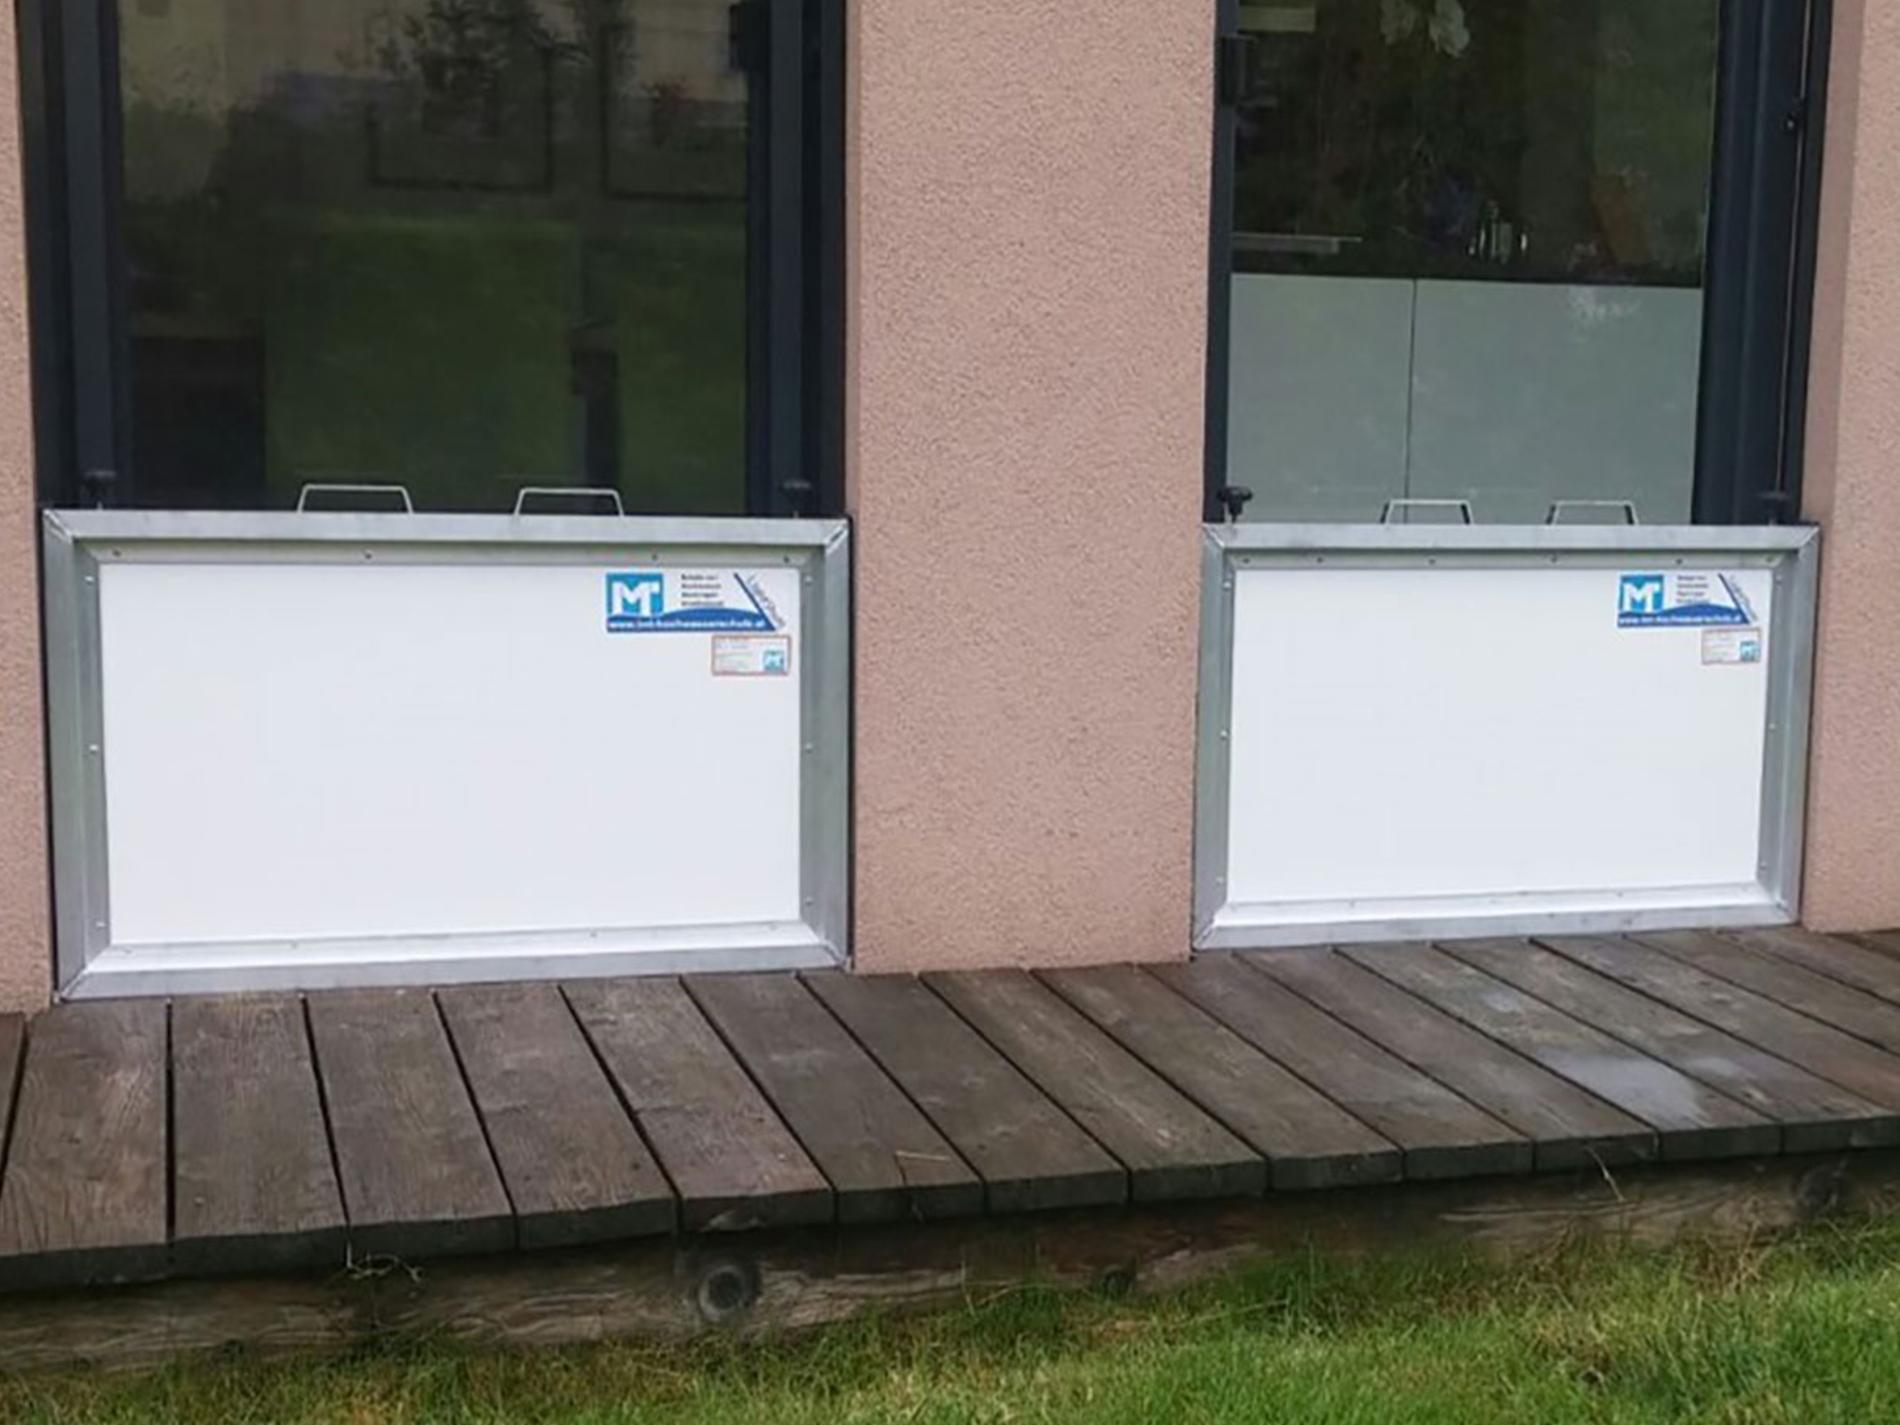 lightshott 2 dichtebene imt hochwasserschutz schutzsysteme objektschutz. Black Bedroom Furniture Sets. Home Design Ideas